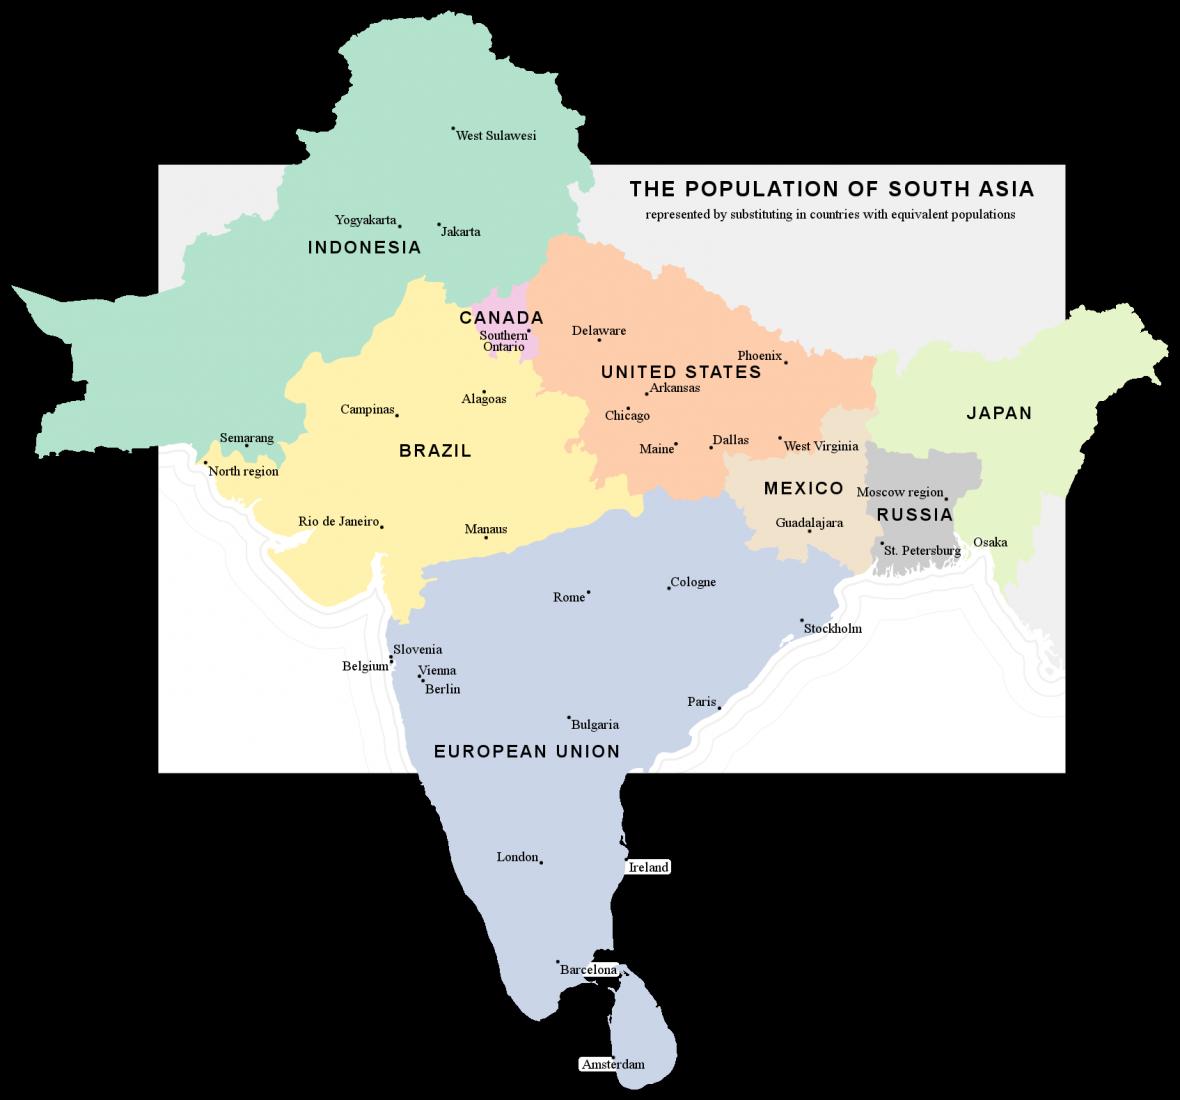 Státy odpovídající počtem obyvatel oblastem indického subkontinentu